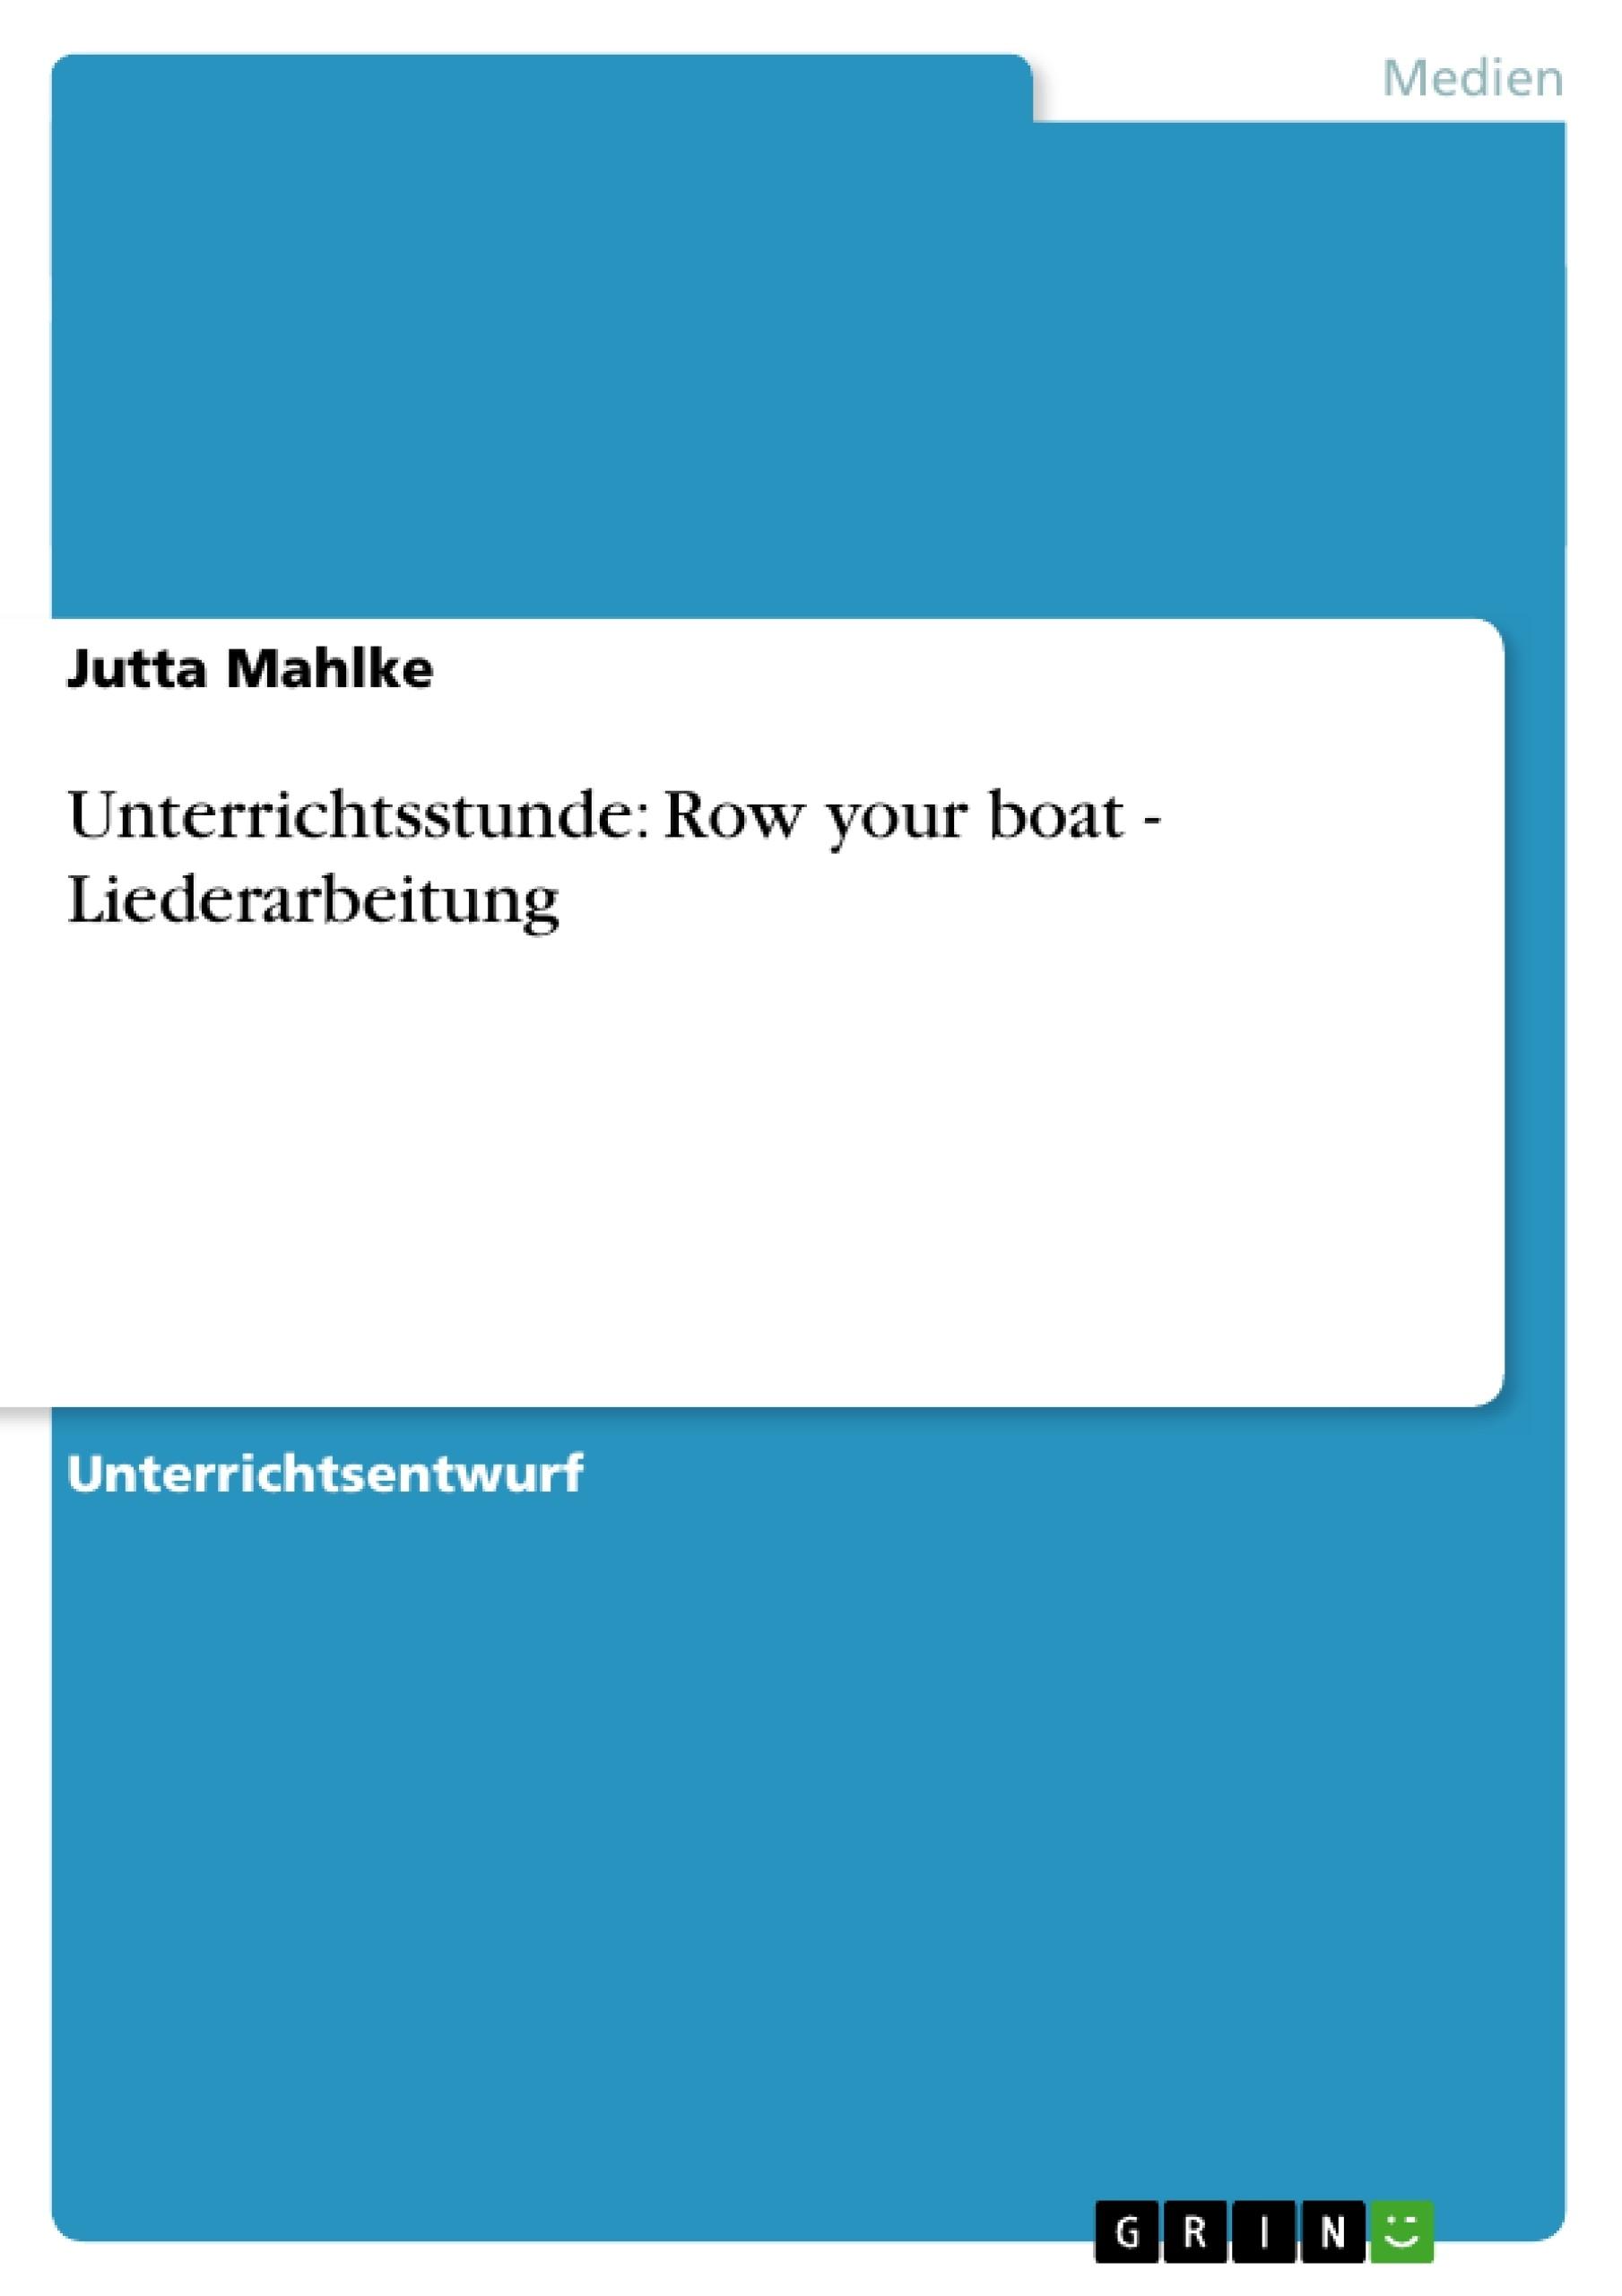 Titel: Unterrichtsstunde: Row your boat - Liederarbeitung